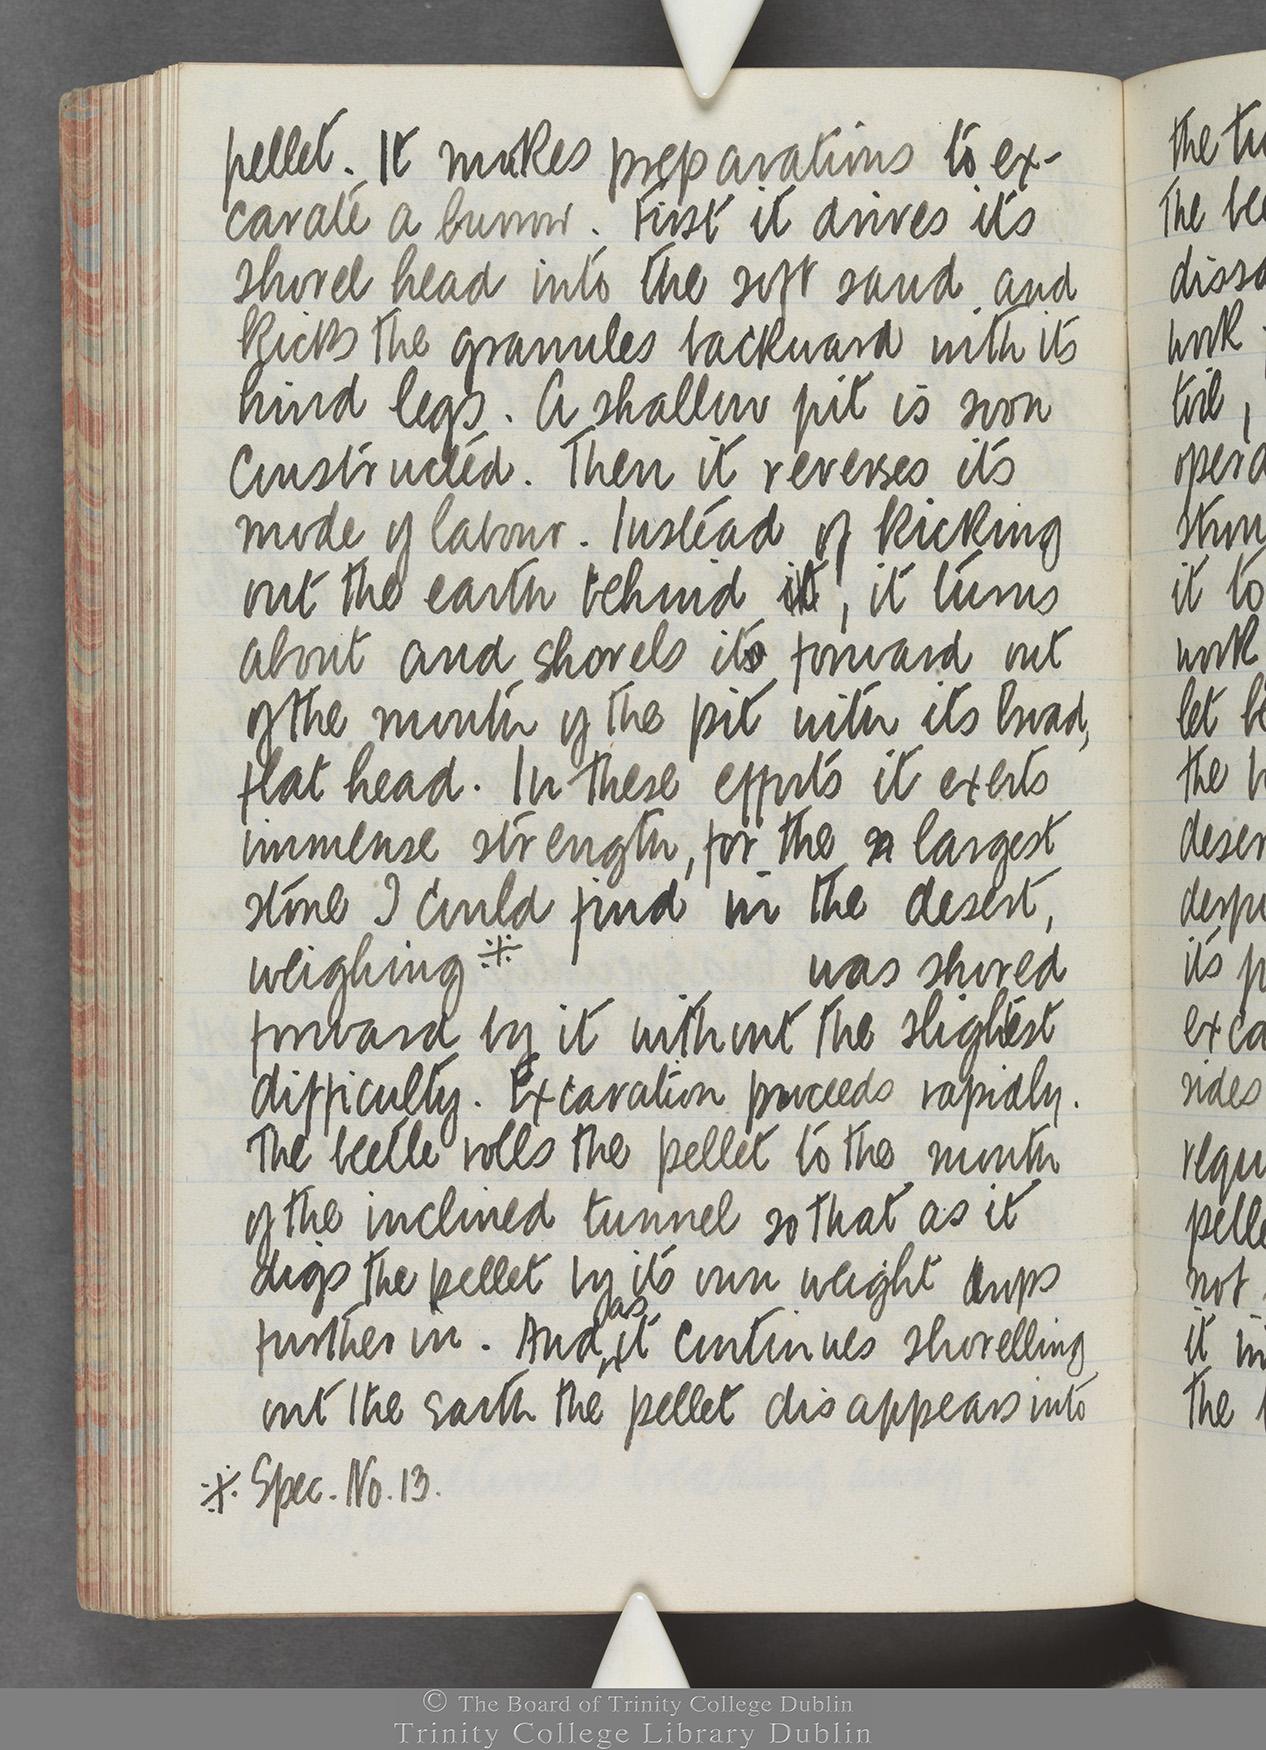 TCD MS 10515 folio 93 verso